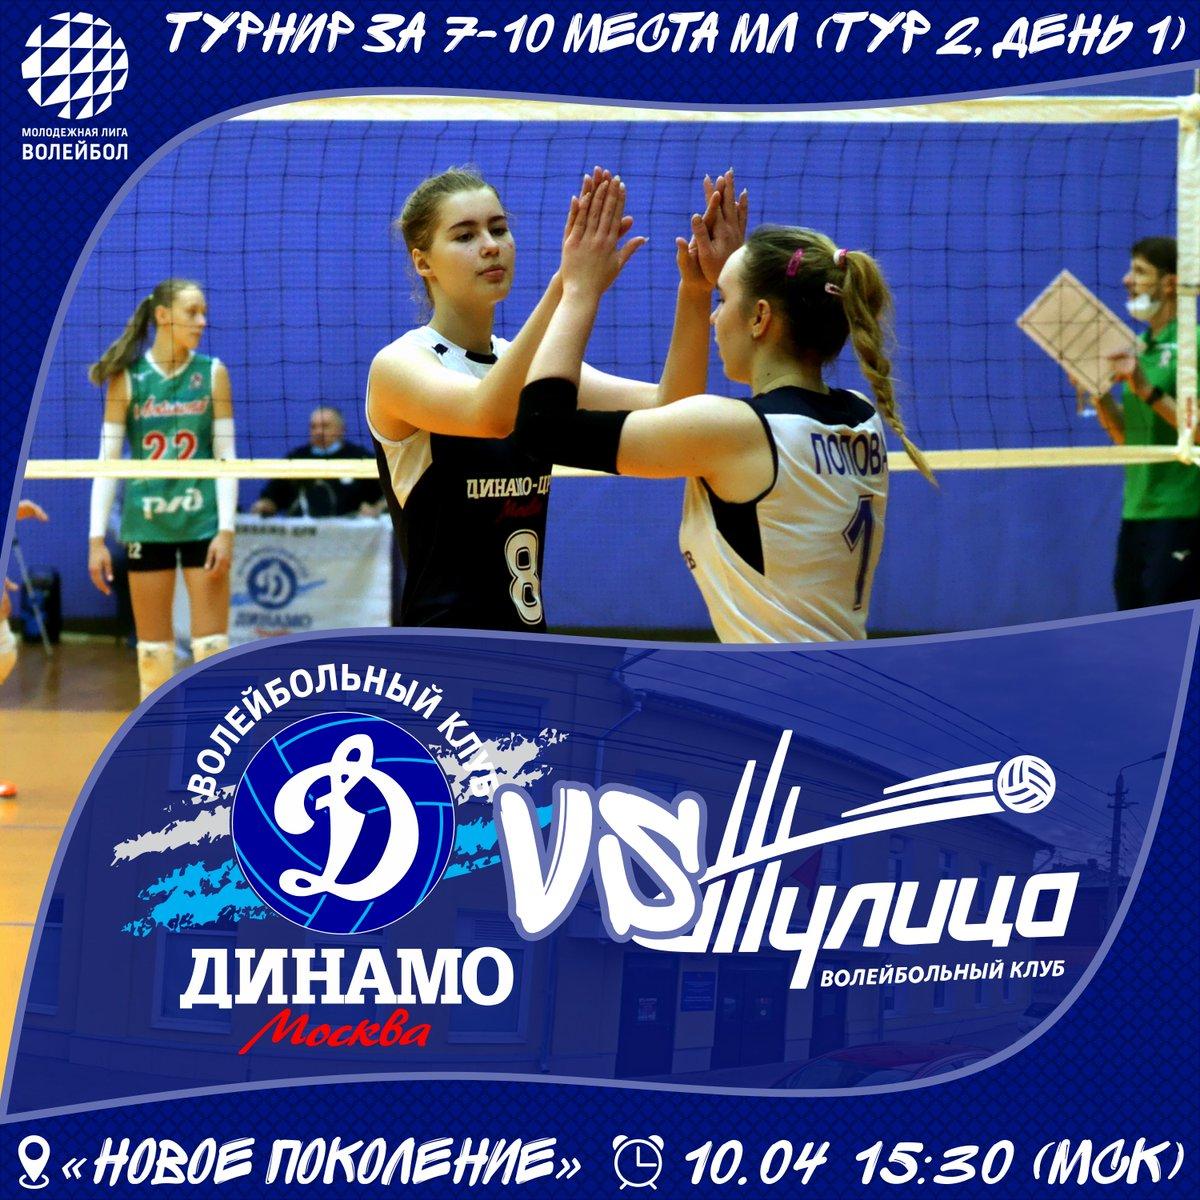 Новости волейбольного клуба динамо москва ночной клуб дискотека казань